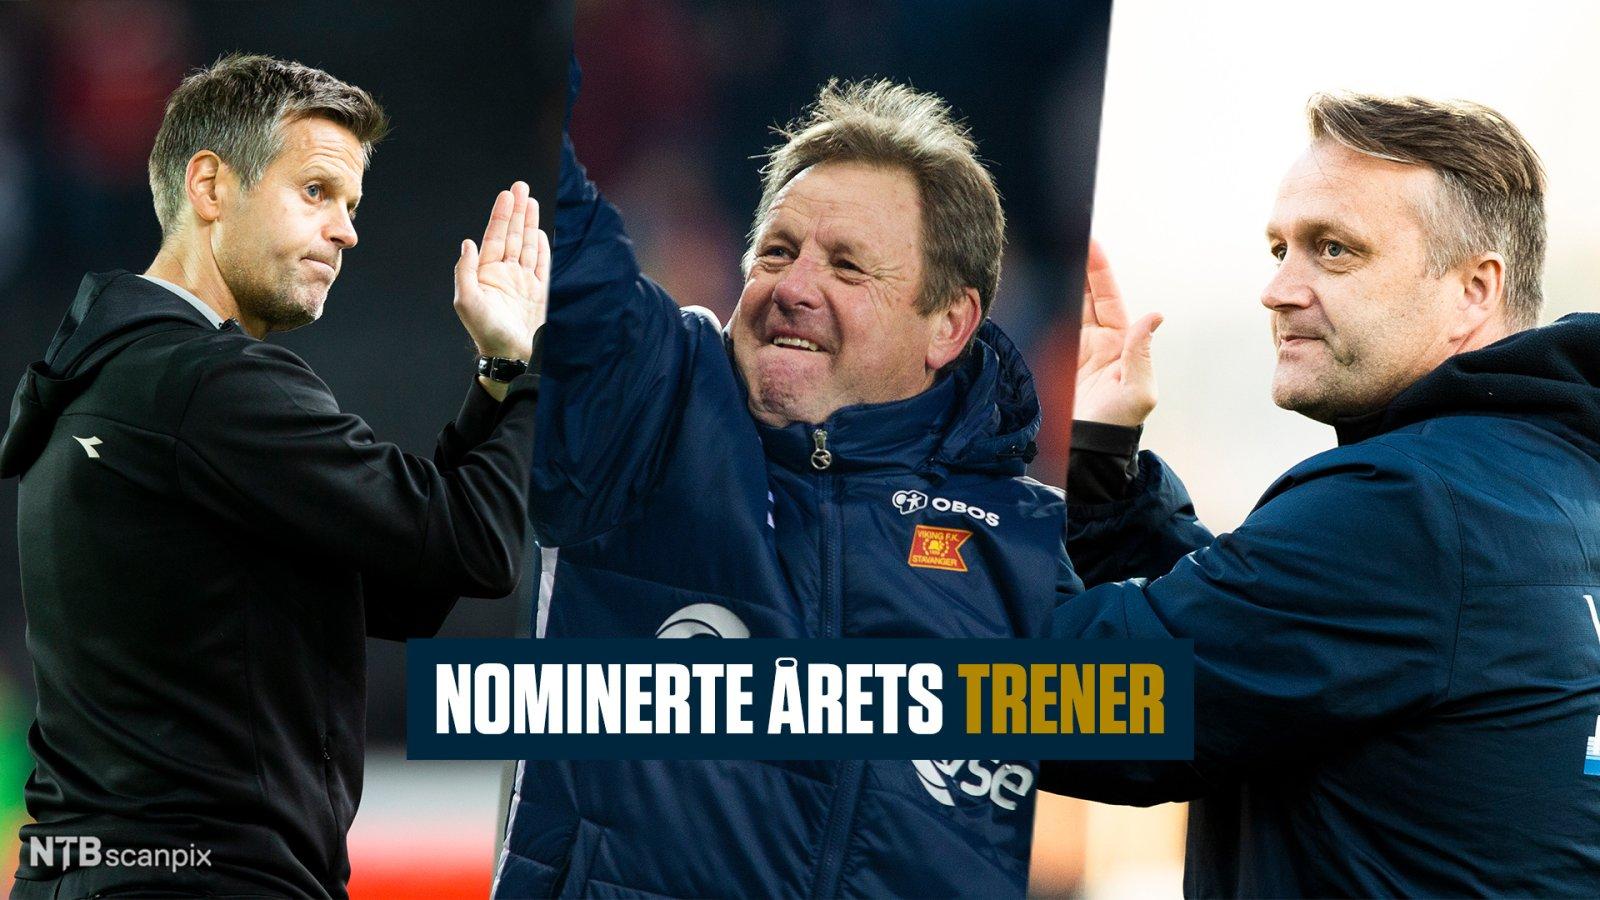 Årets trener. Kjetil Knutsen.